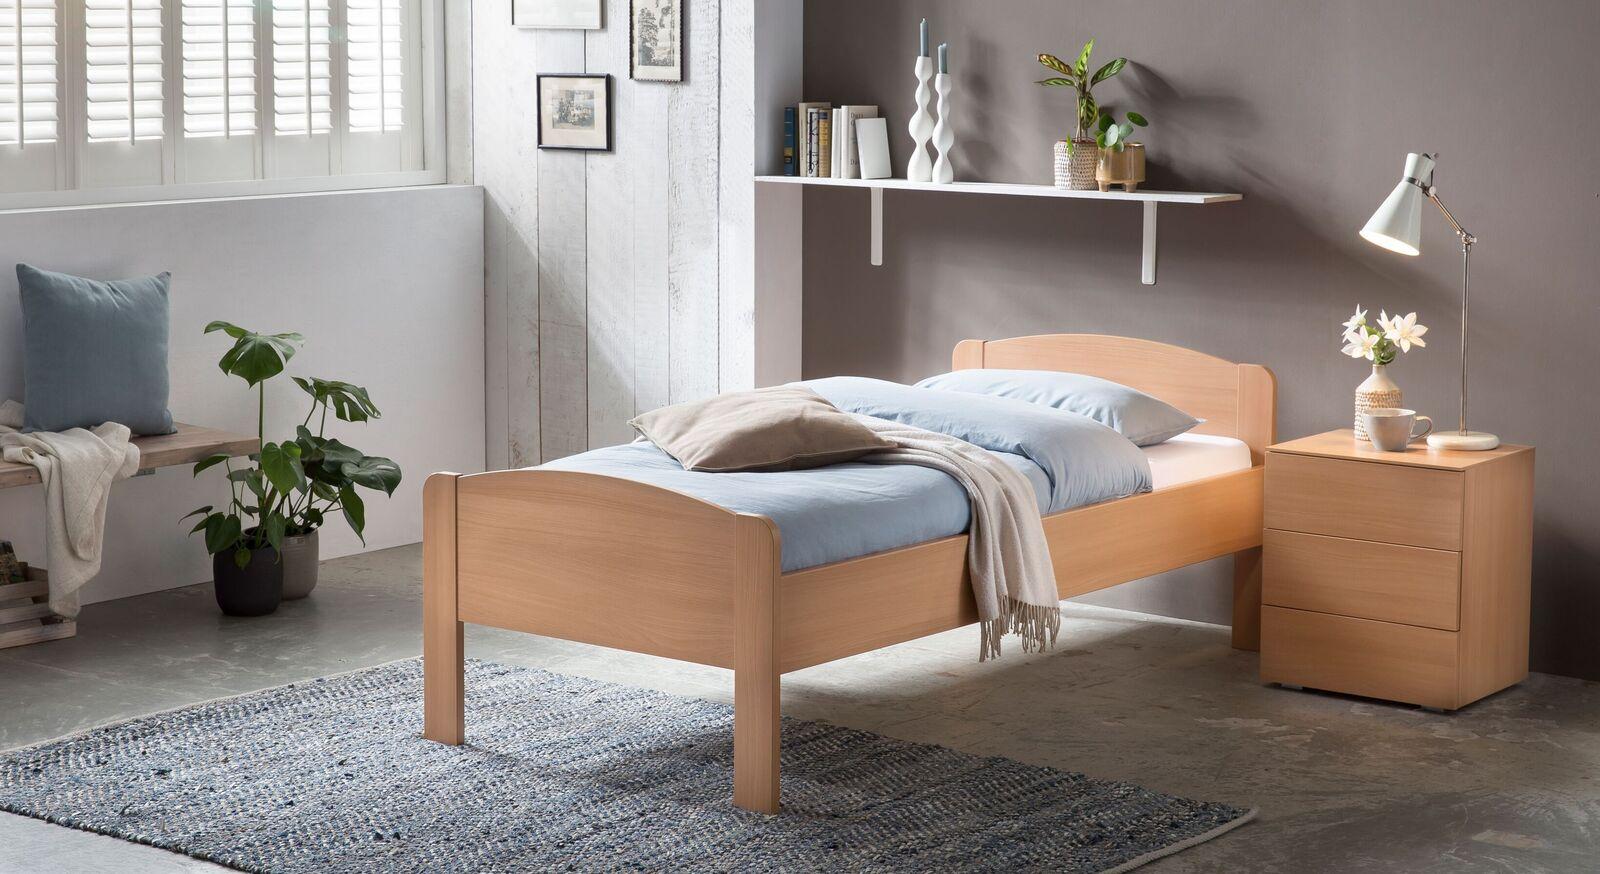 Bett San Martino mit passendem Nachttisch